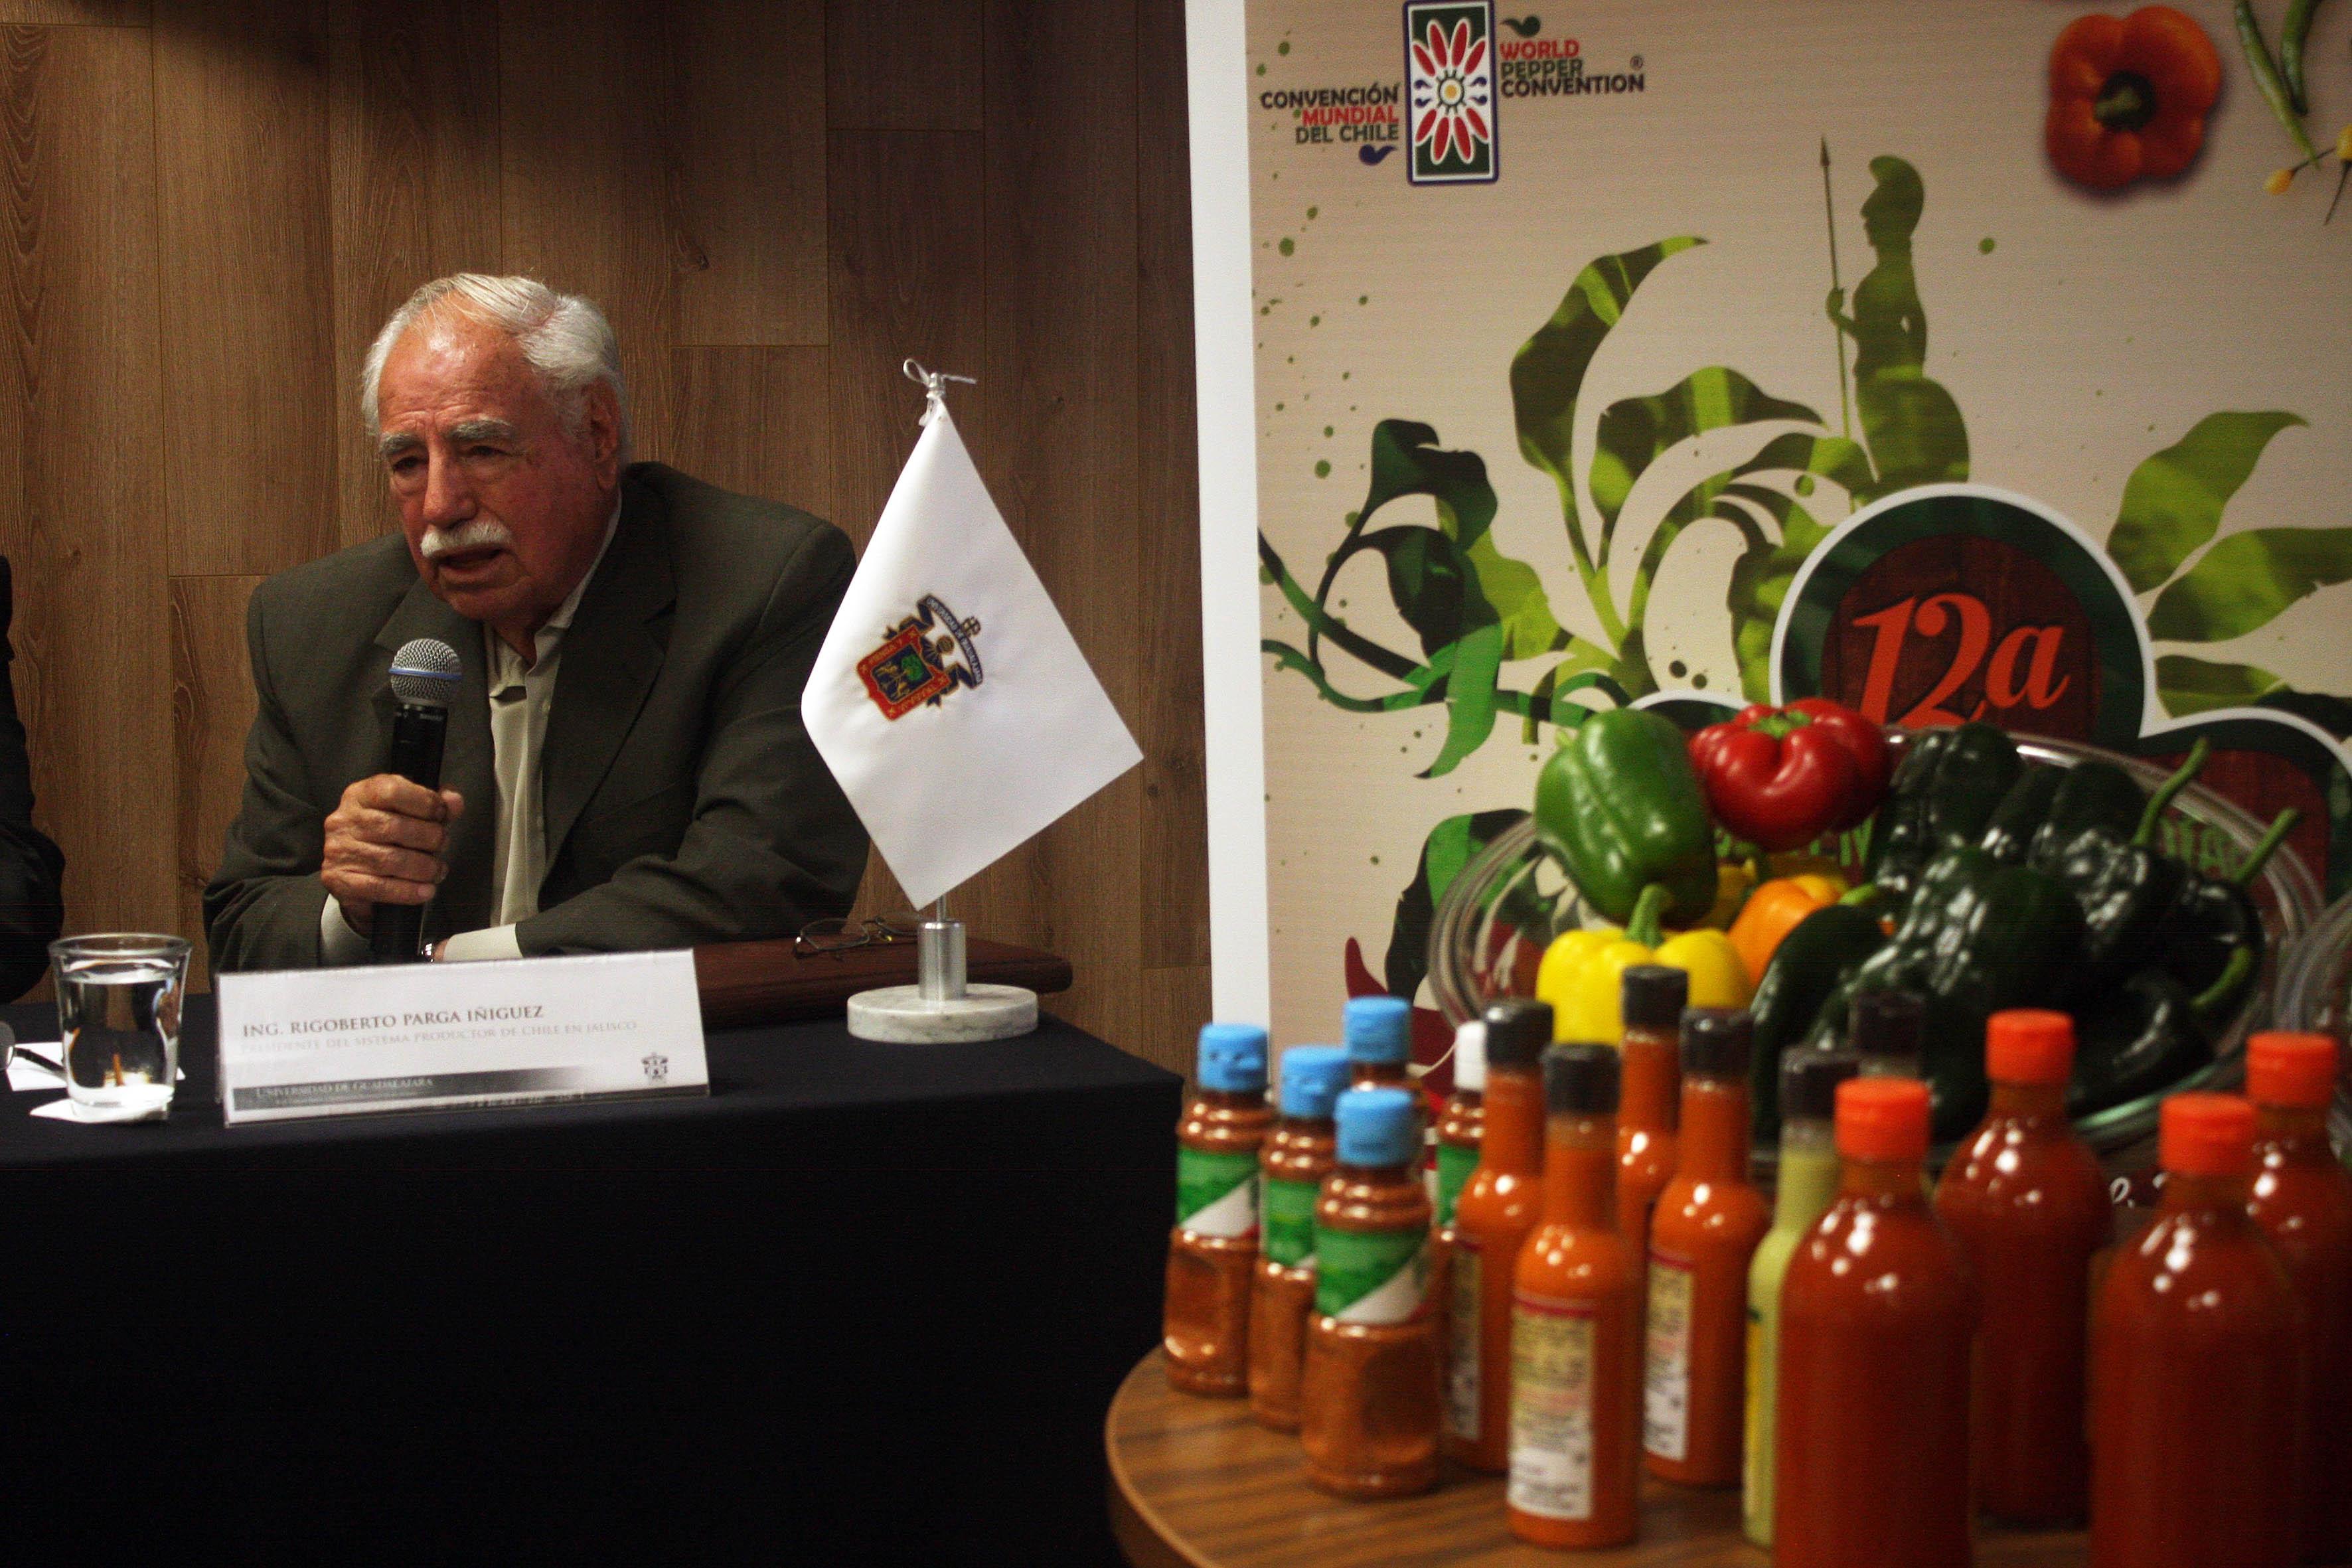 Ing. Rigoberto Parga Iniguez, Presidente del sistema productor de chile en Jalisco